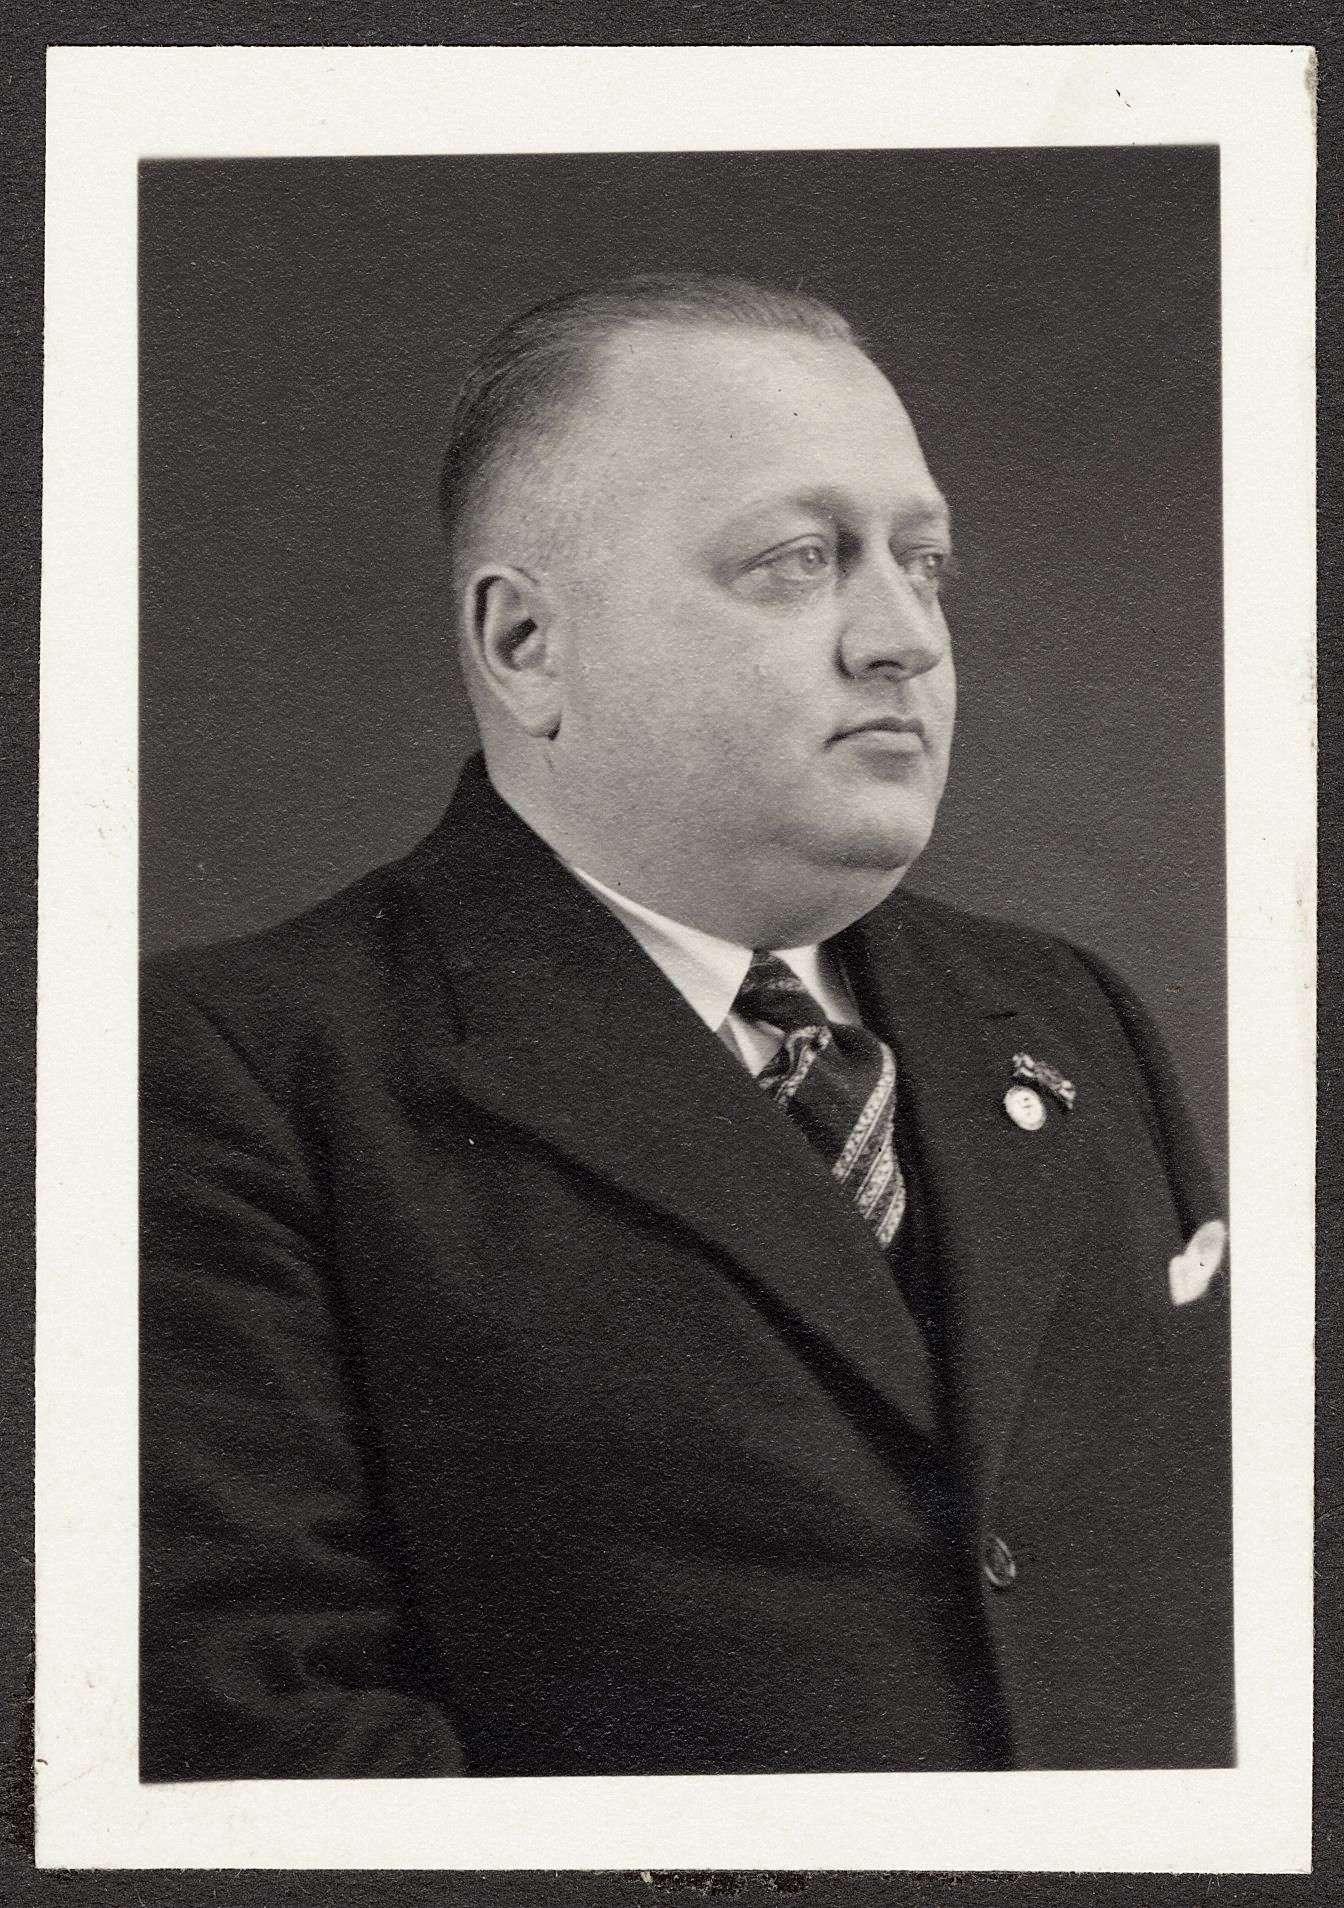 Heubach, Ernst, Dr.jur., Bild 1